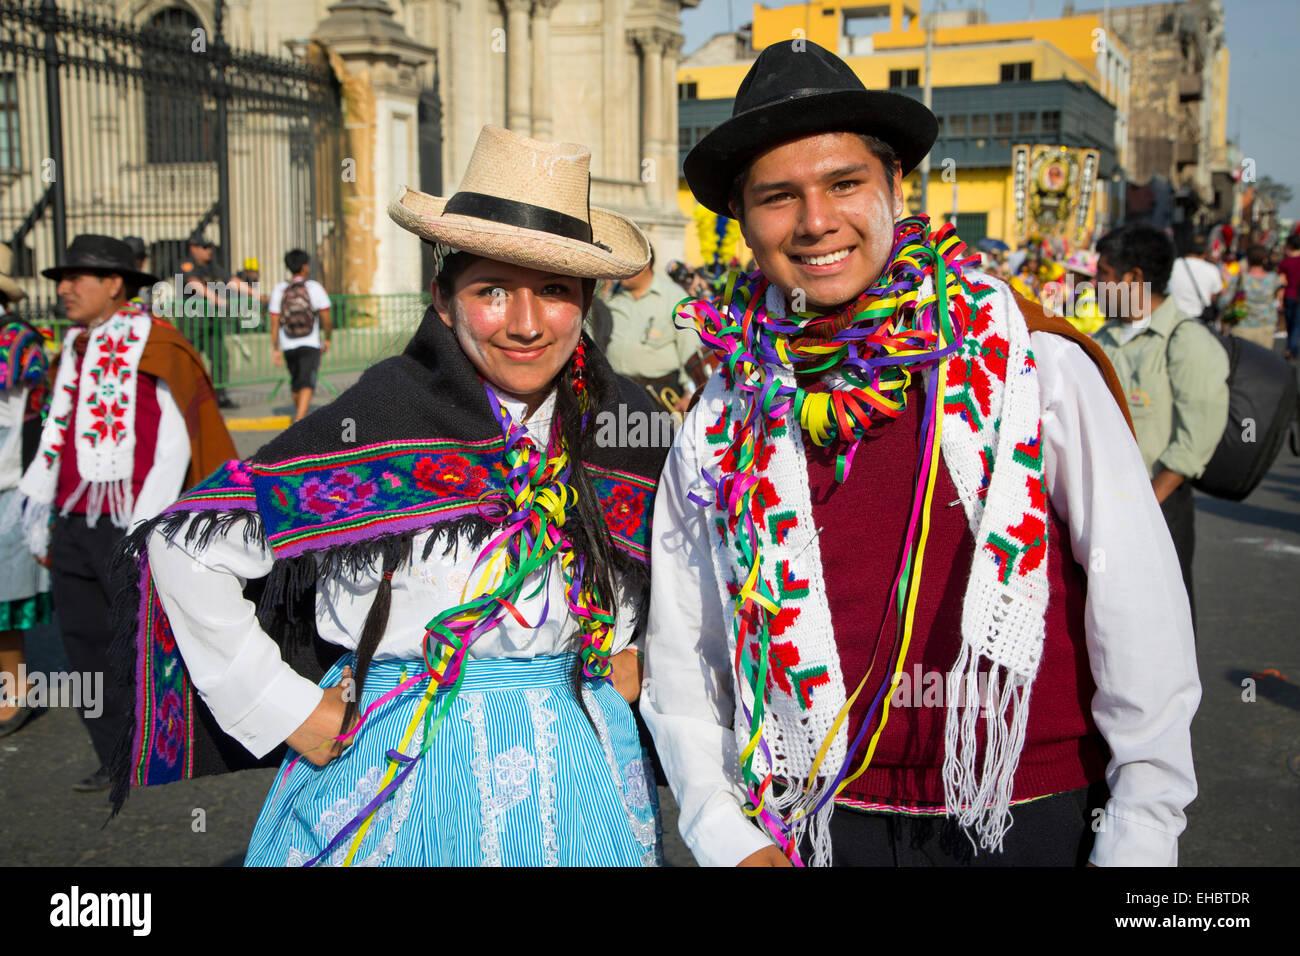 Il carnevale, Mardi Gras, Ciudad de los Reyes, il centro storico della città, Lima, Peru Immagini Stock